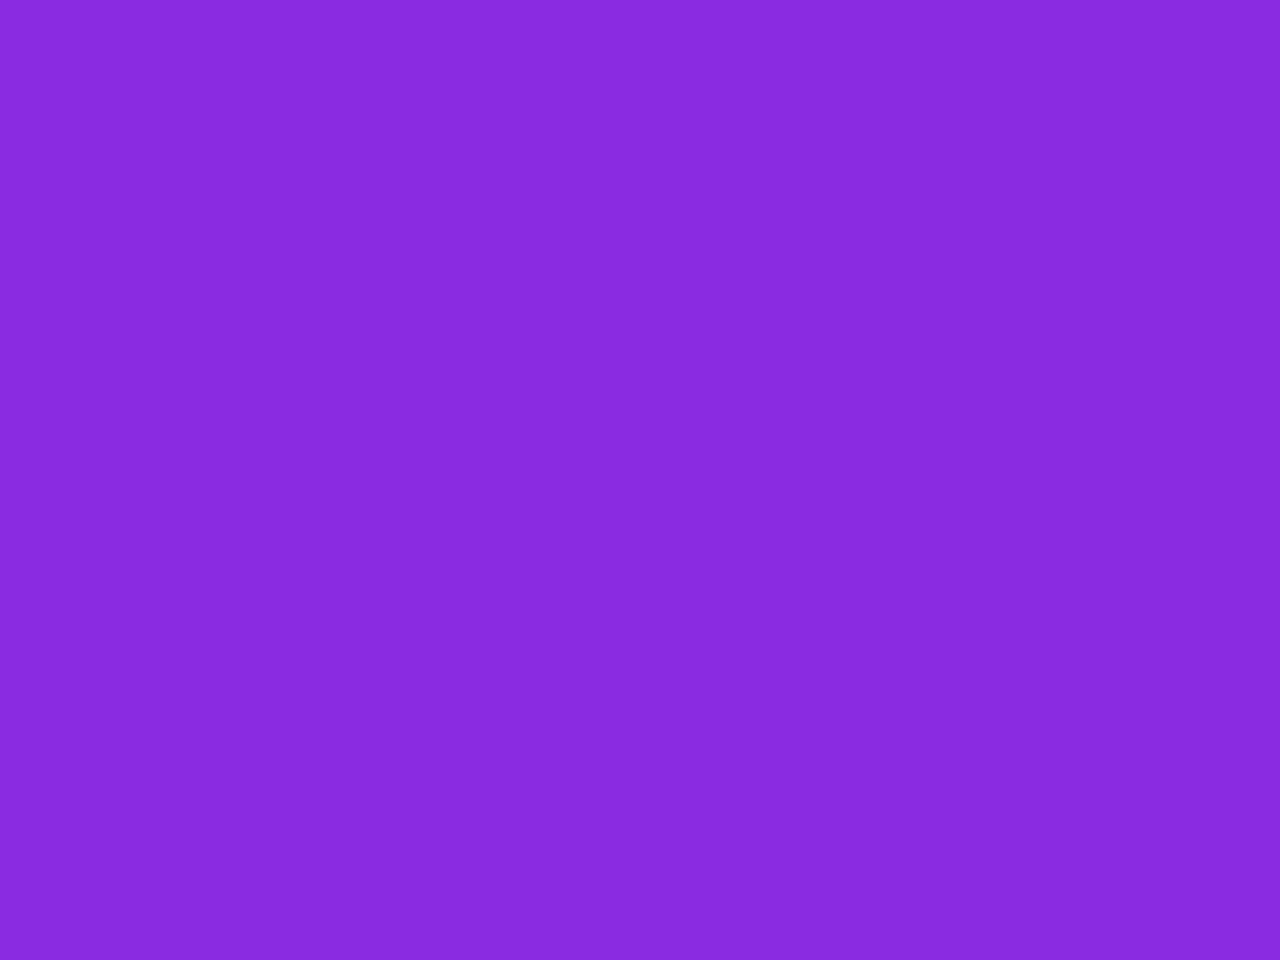 1280x960 Blue-violet Solid Color Background